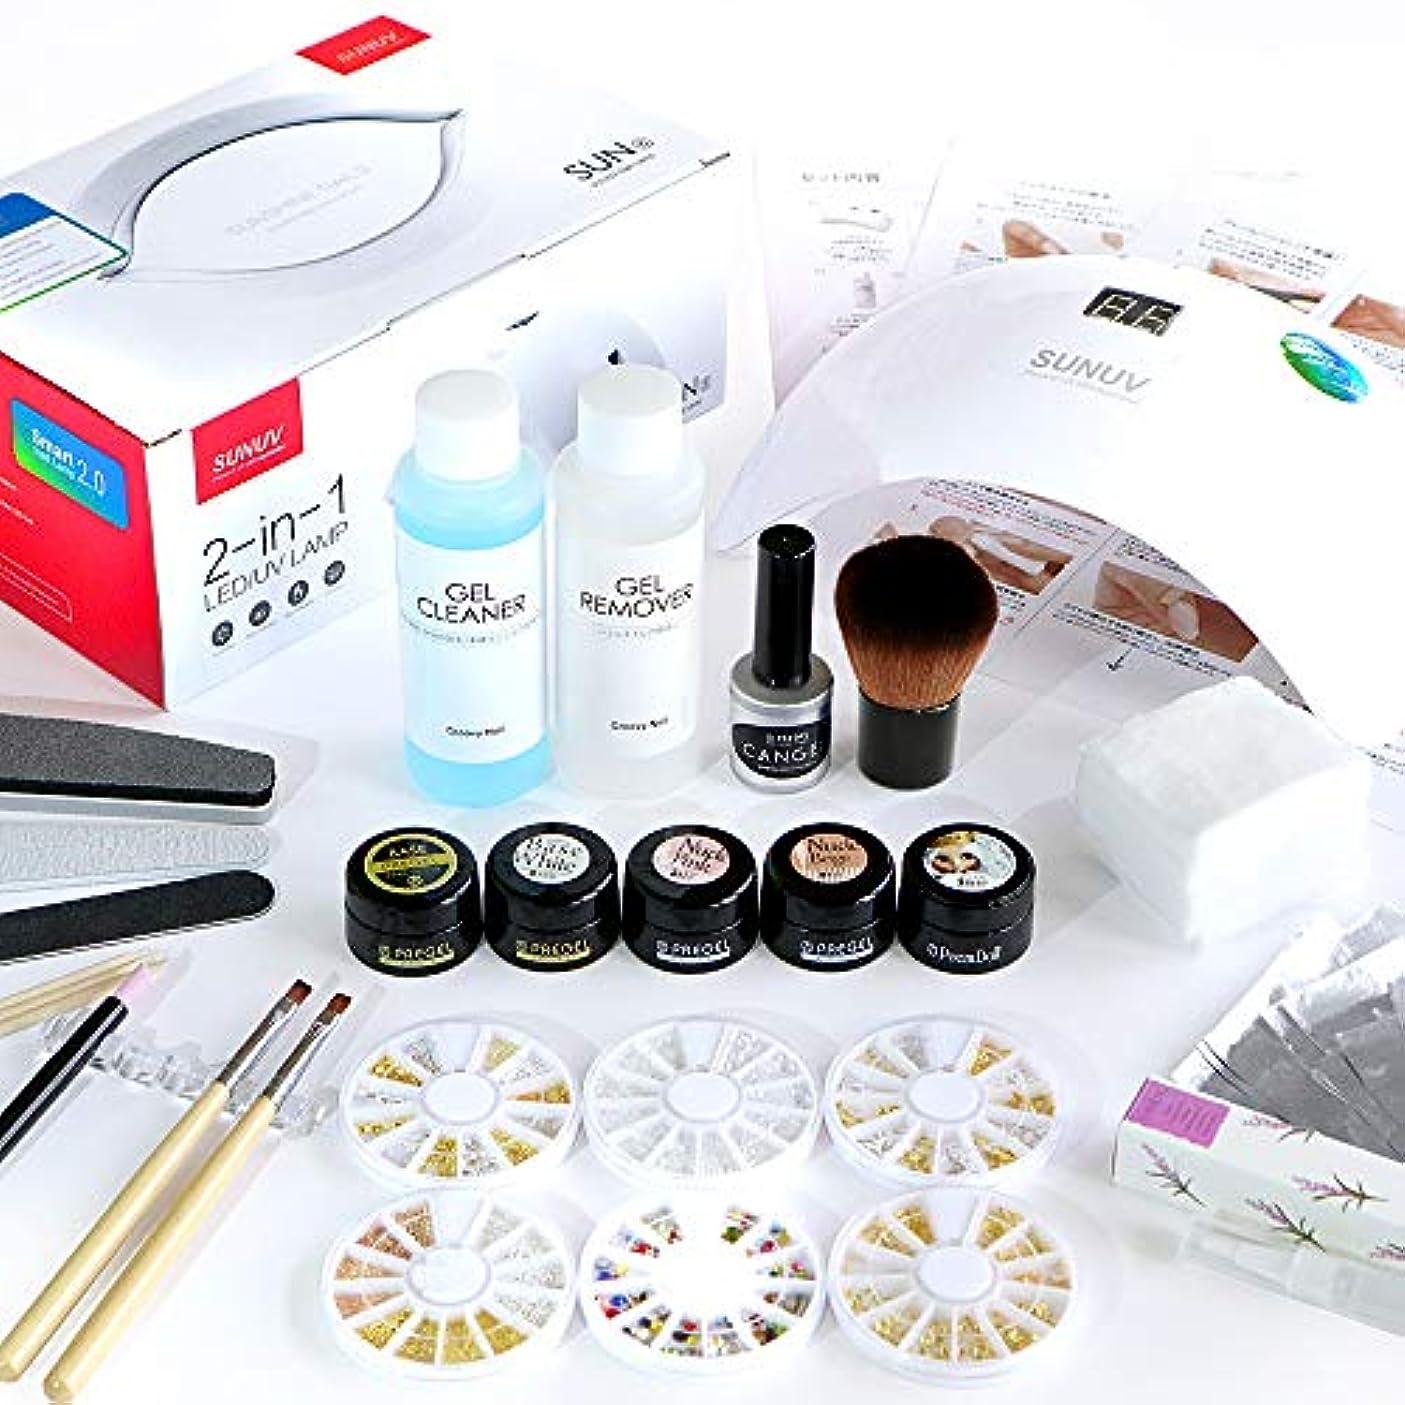 喪電話に出る冗談でPREGEL プリジェル ジェルネイル スターターキット 日本製カラージェル4色+LEDライト48W ネイルアート 初心者におすすめ